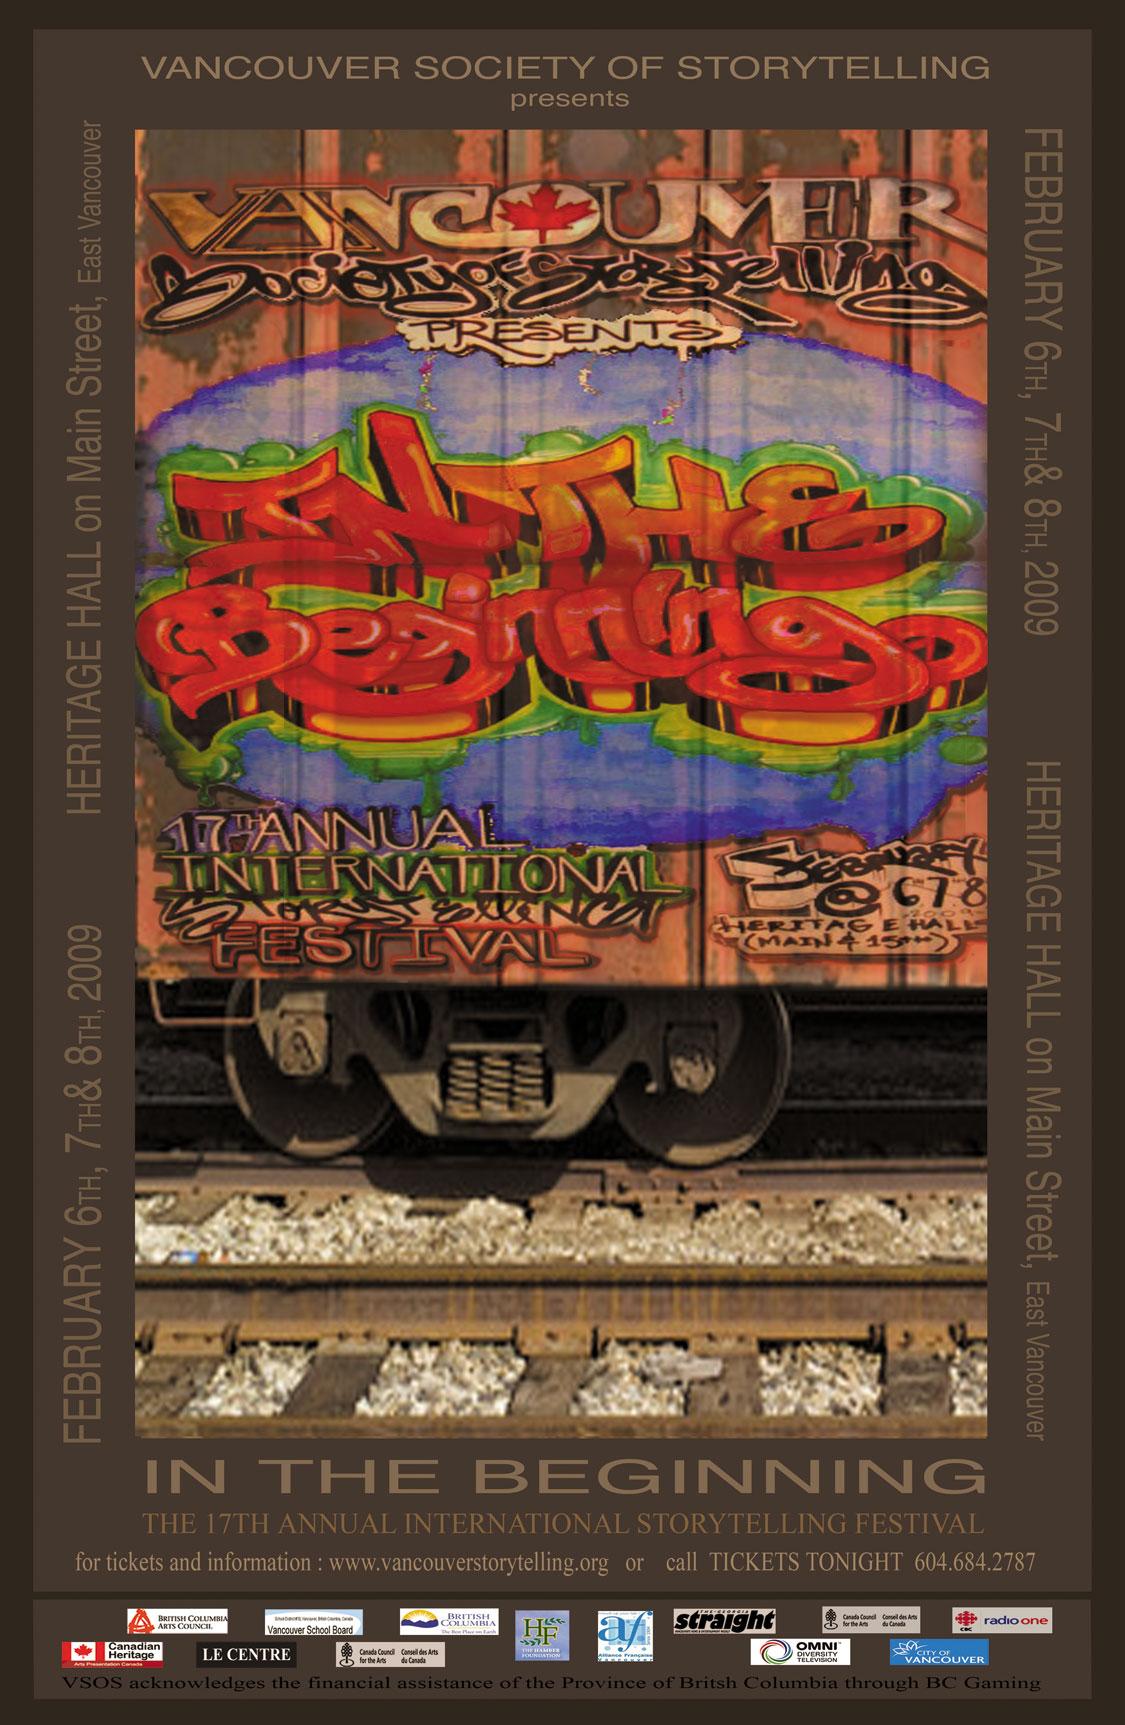 storytelling-festival-poster-2009